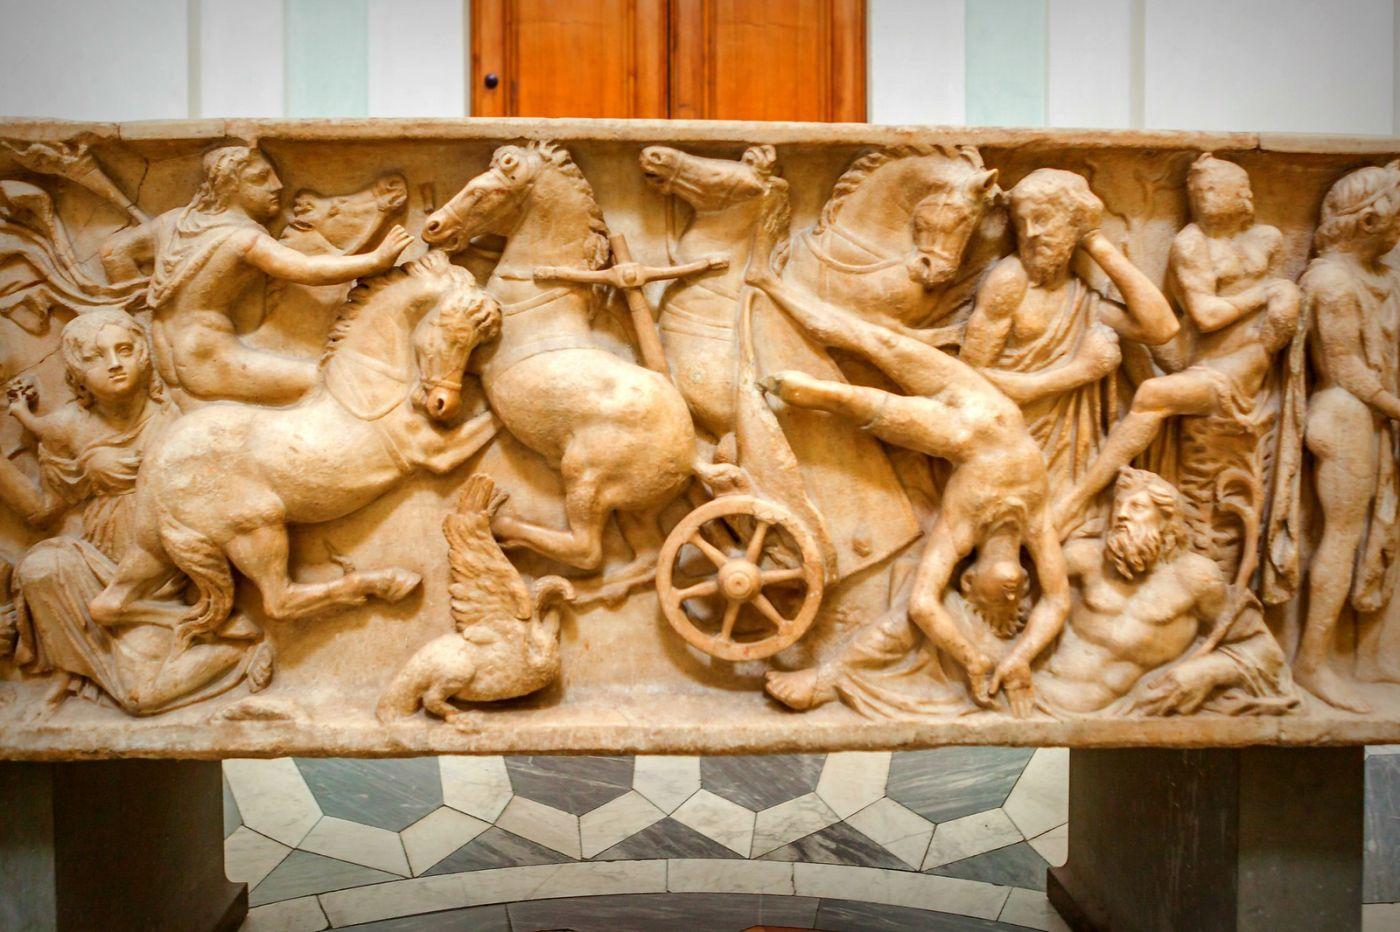 意大利佛罗伦斯乌菲兹美术馆, 目睹藏品_图1-2